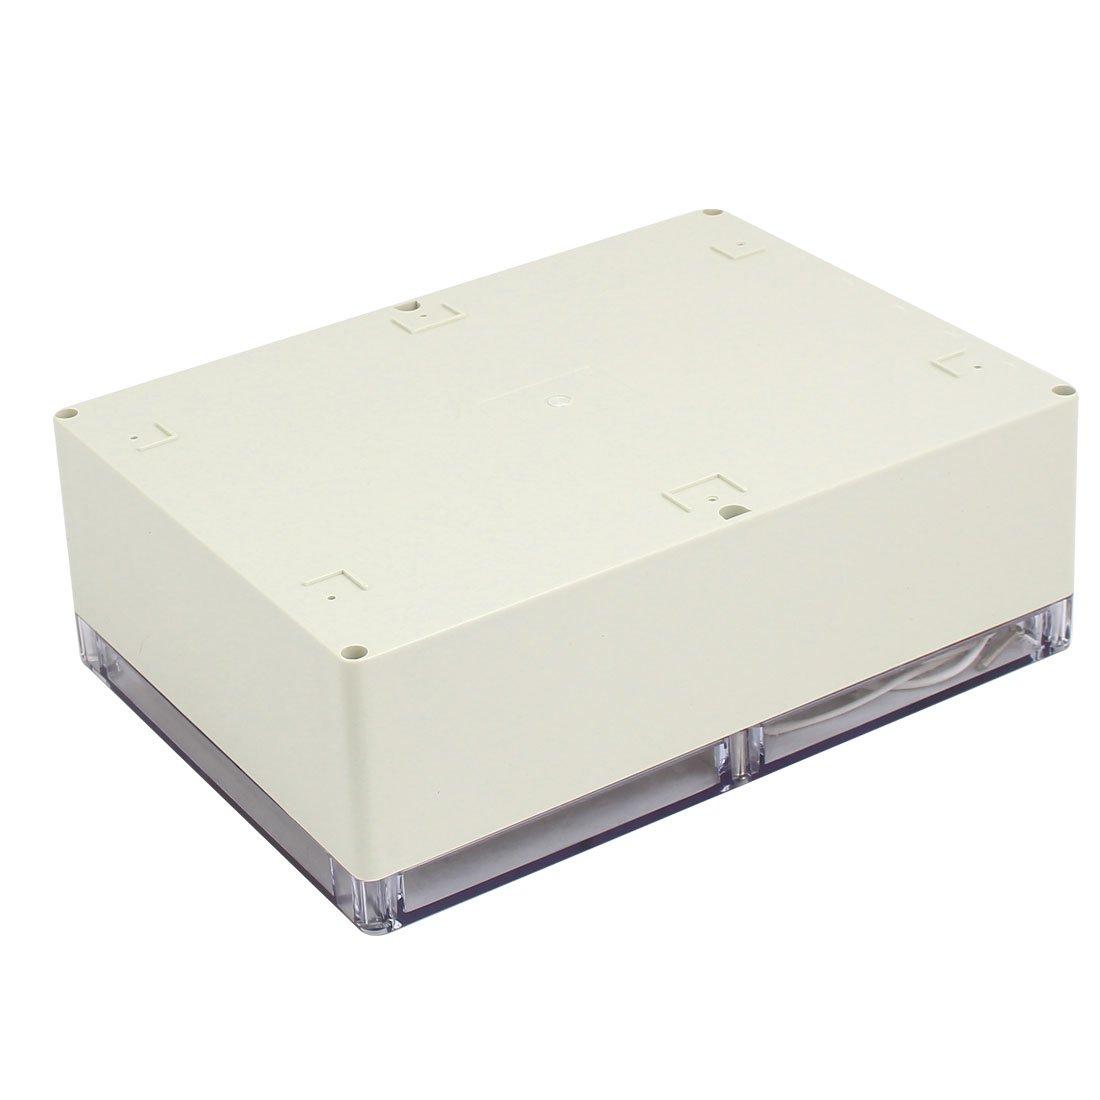 sourcing map 290mm x 210mm x 100mm couvercle transparent Housse en ABS IP65 Bo/îte jonction /électrique